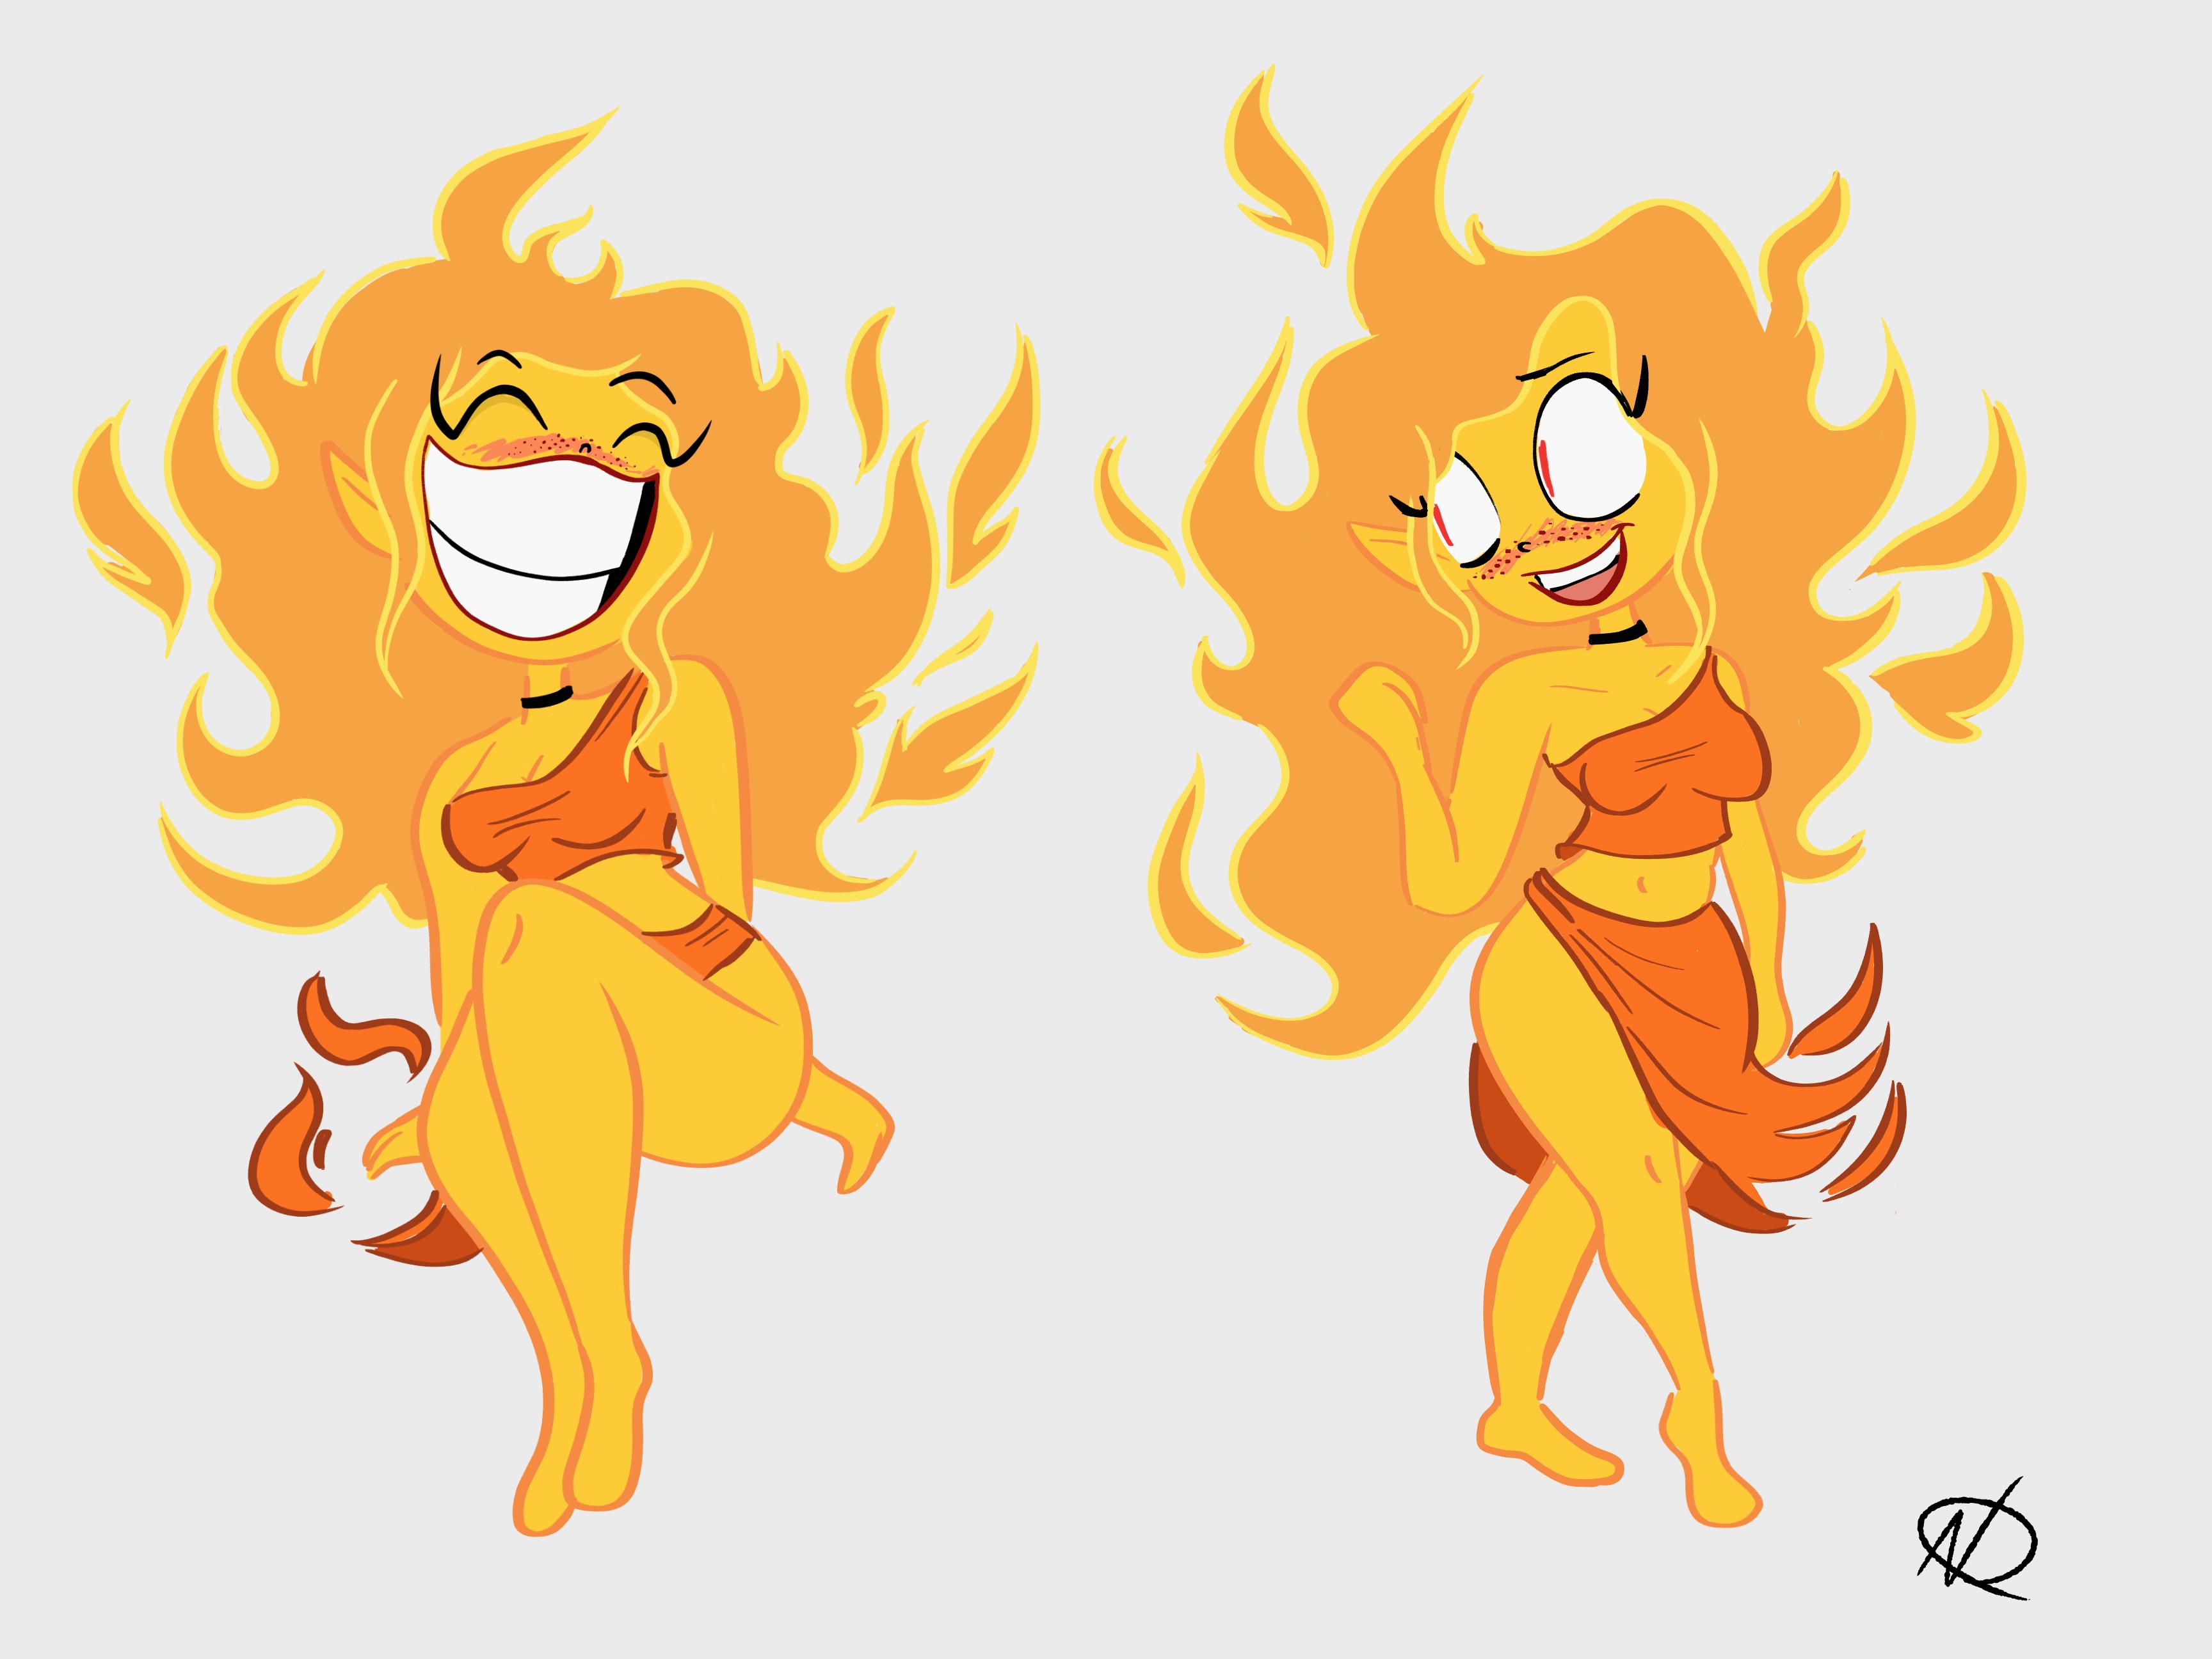 Flame Girl 2